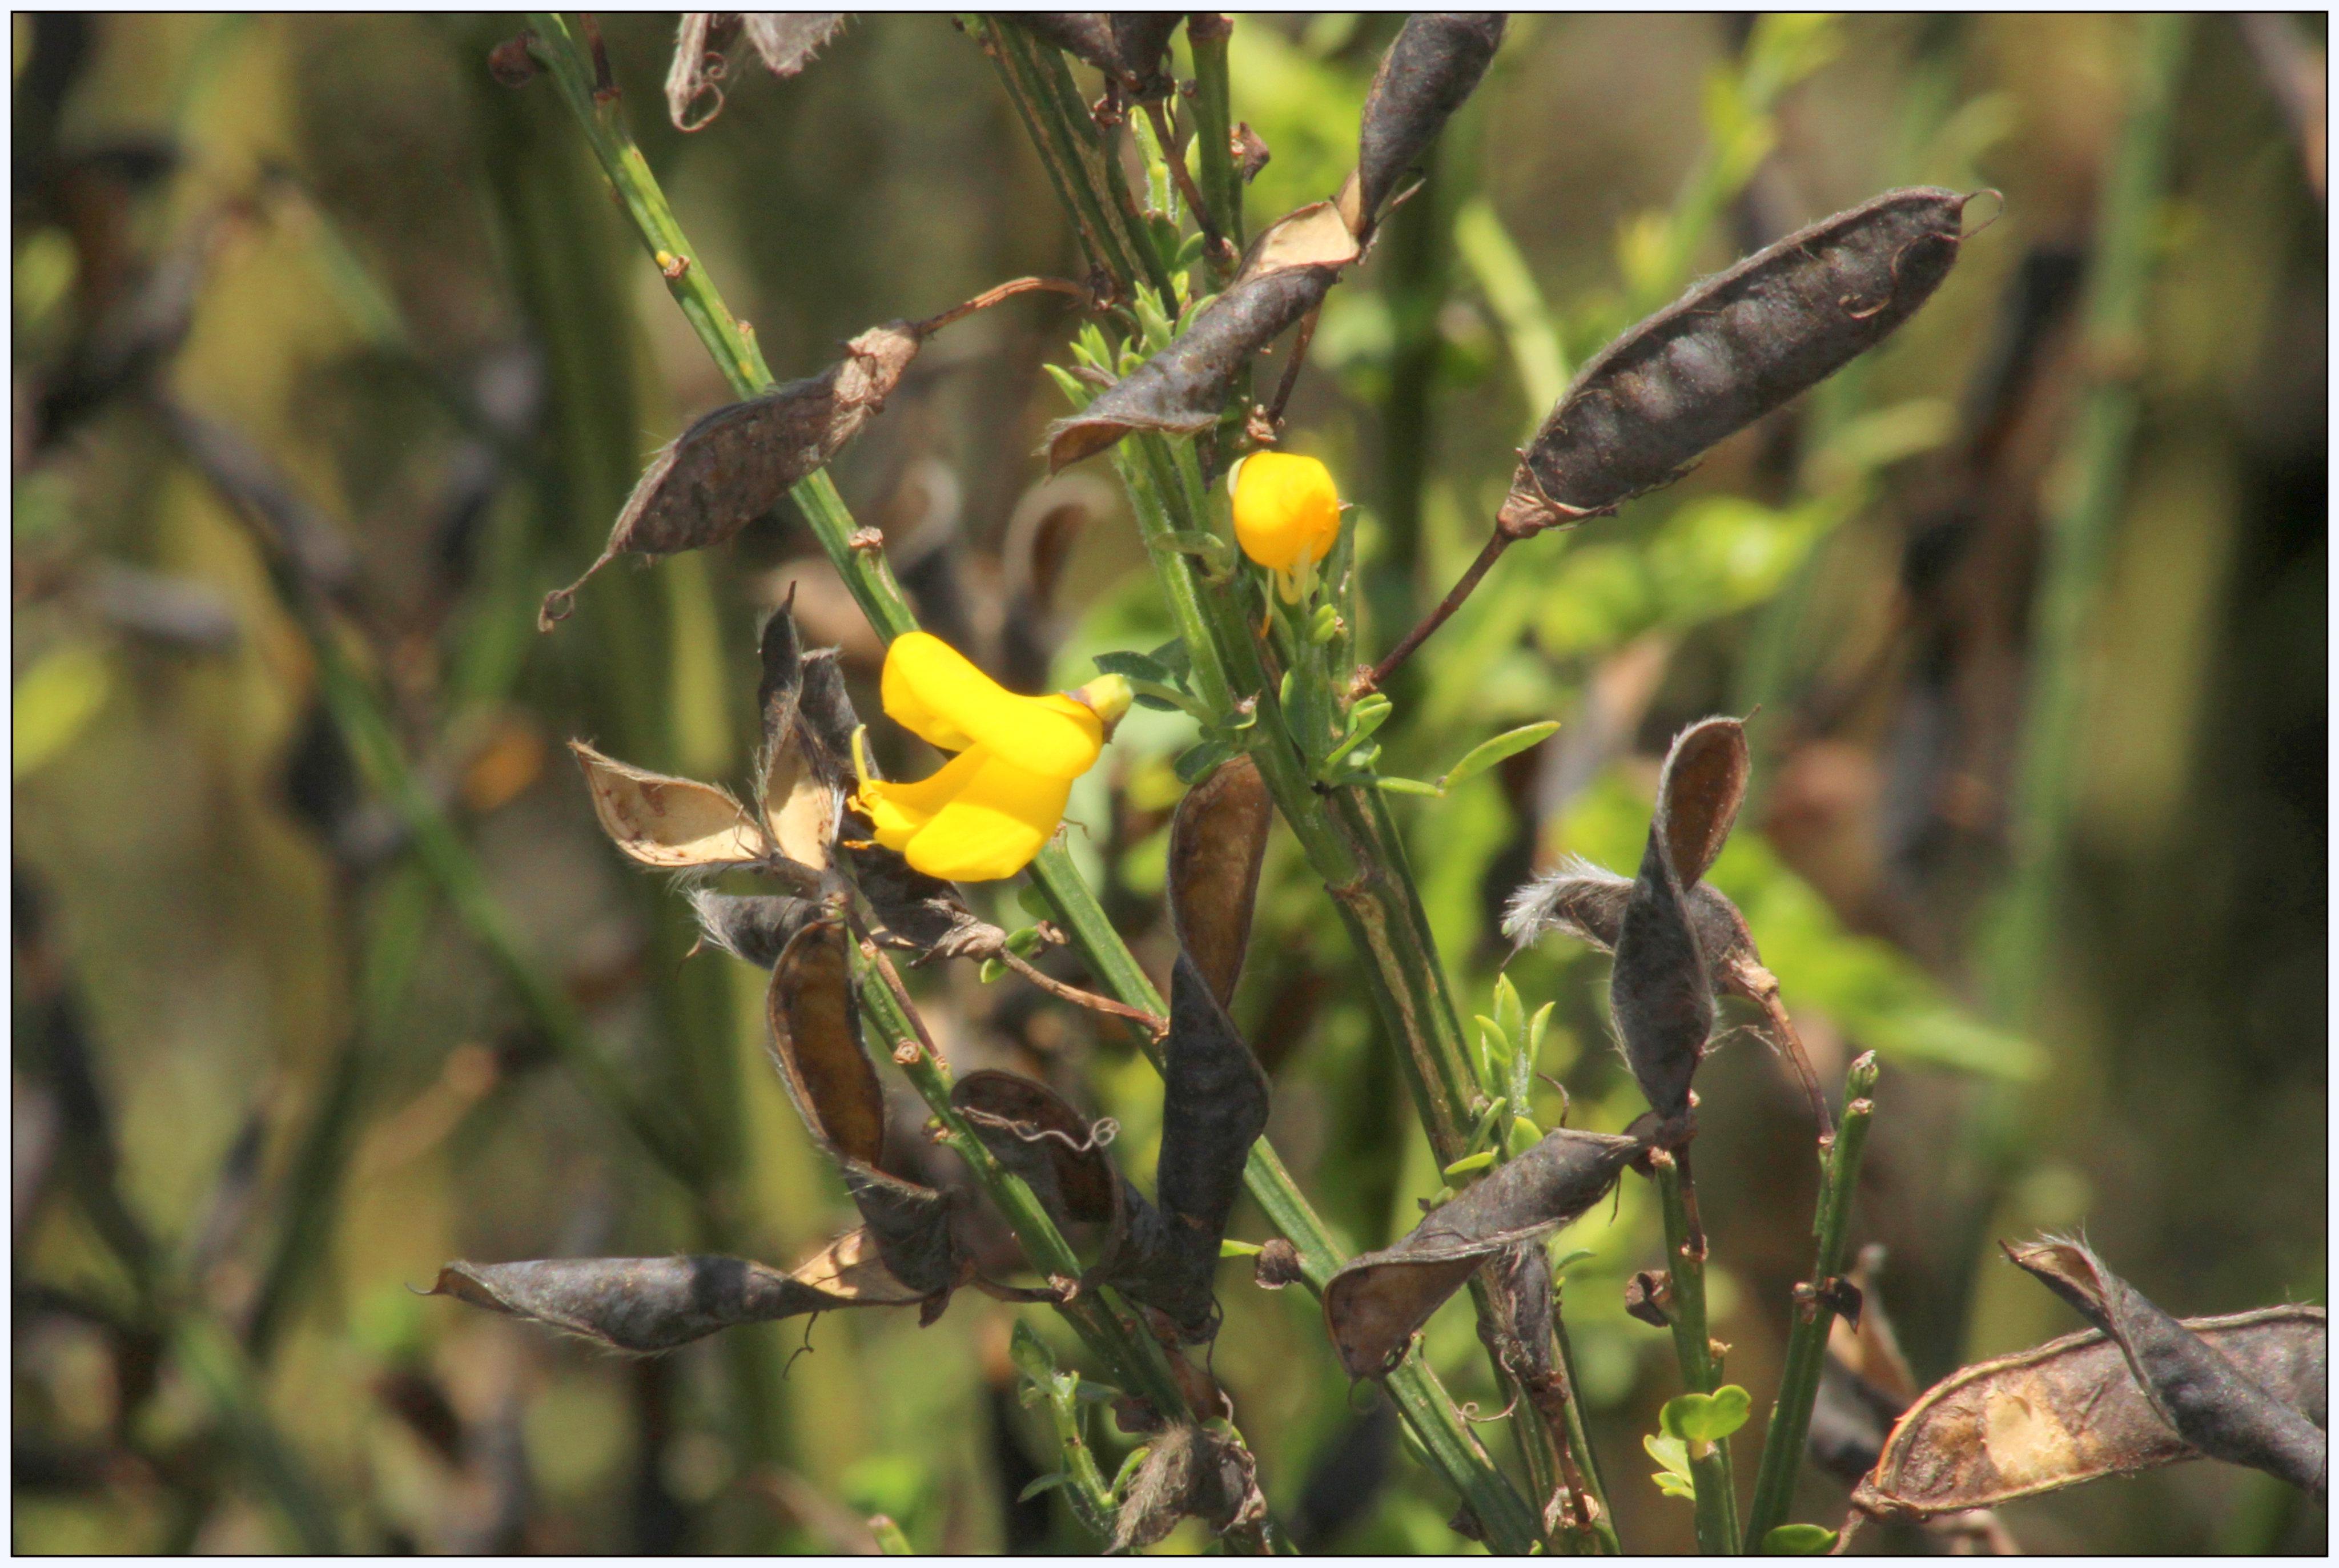 cytisus scoparius o escoba negra